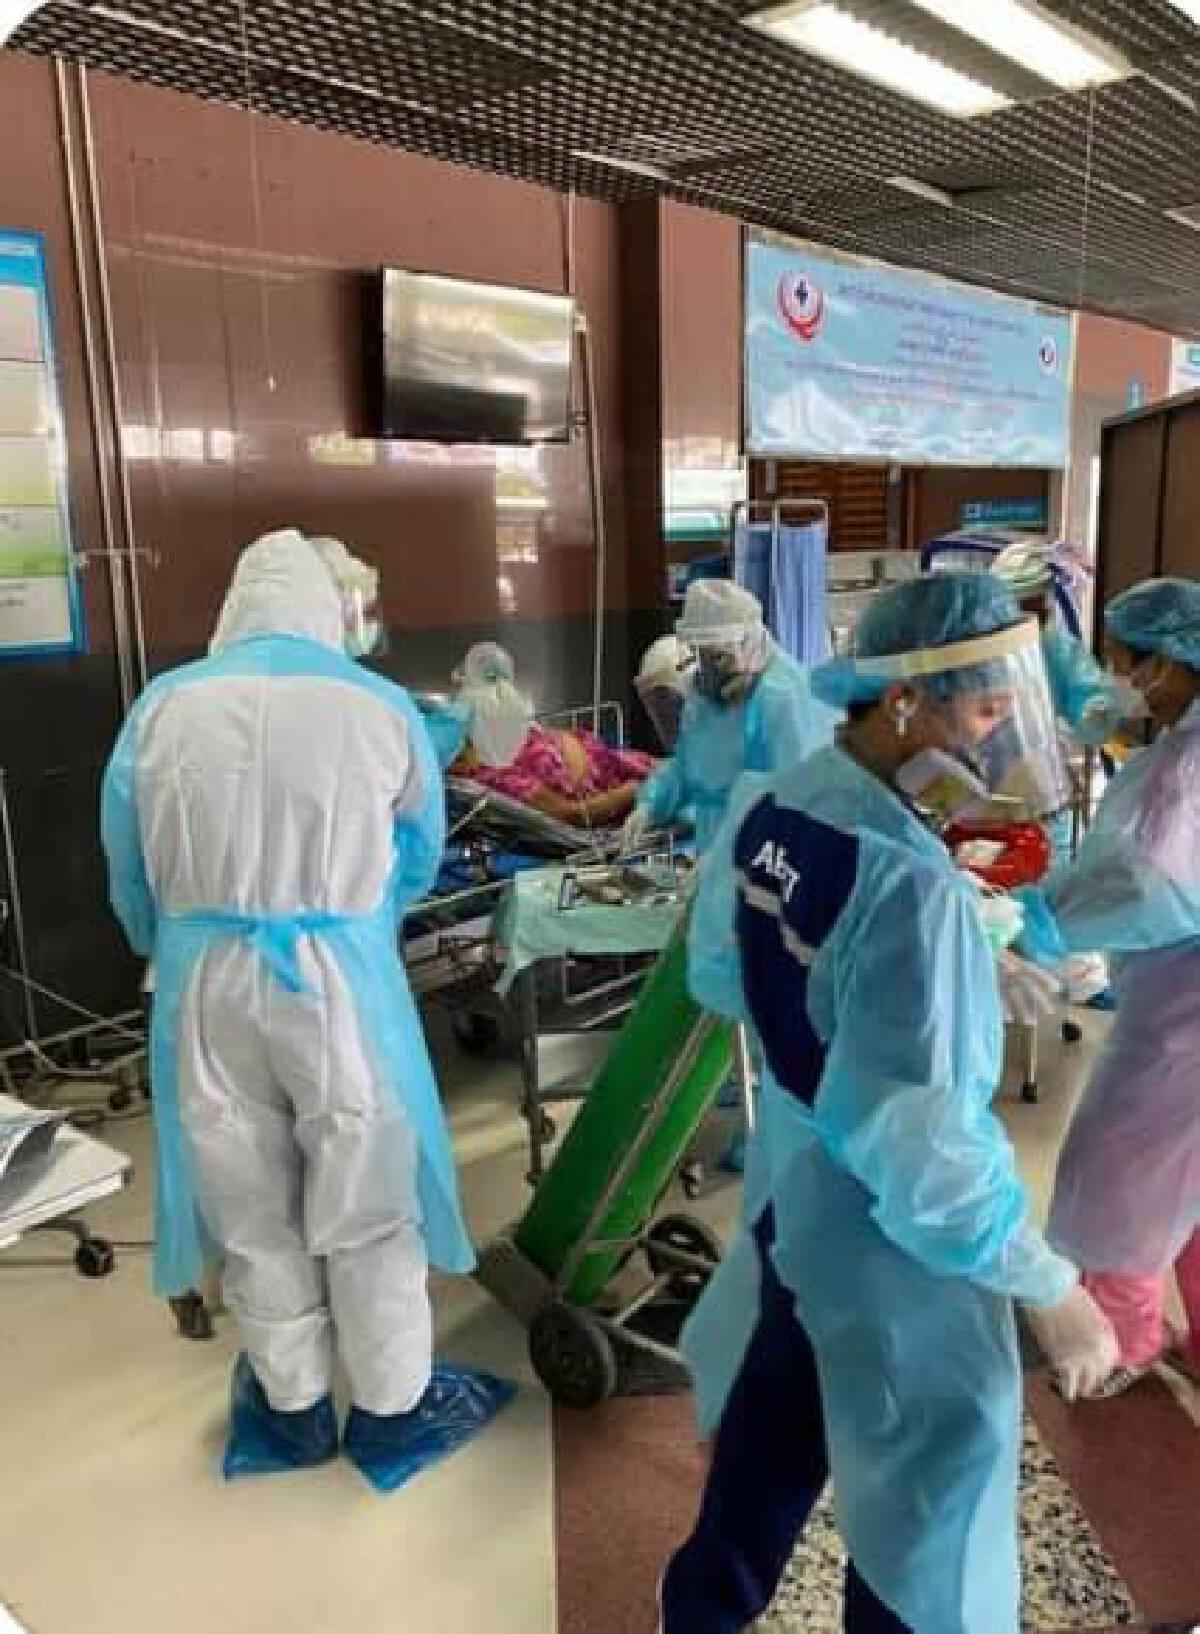 หมอด่านหน้า เผยปัญหา อุปกรณ์ป้องกันตัวเริ่มขาด หลังผู้ป่วยเพิ่มสูงขึ้น